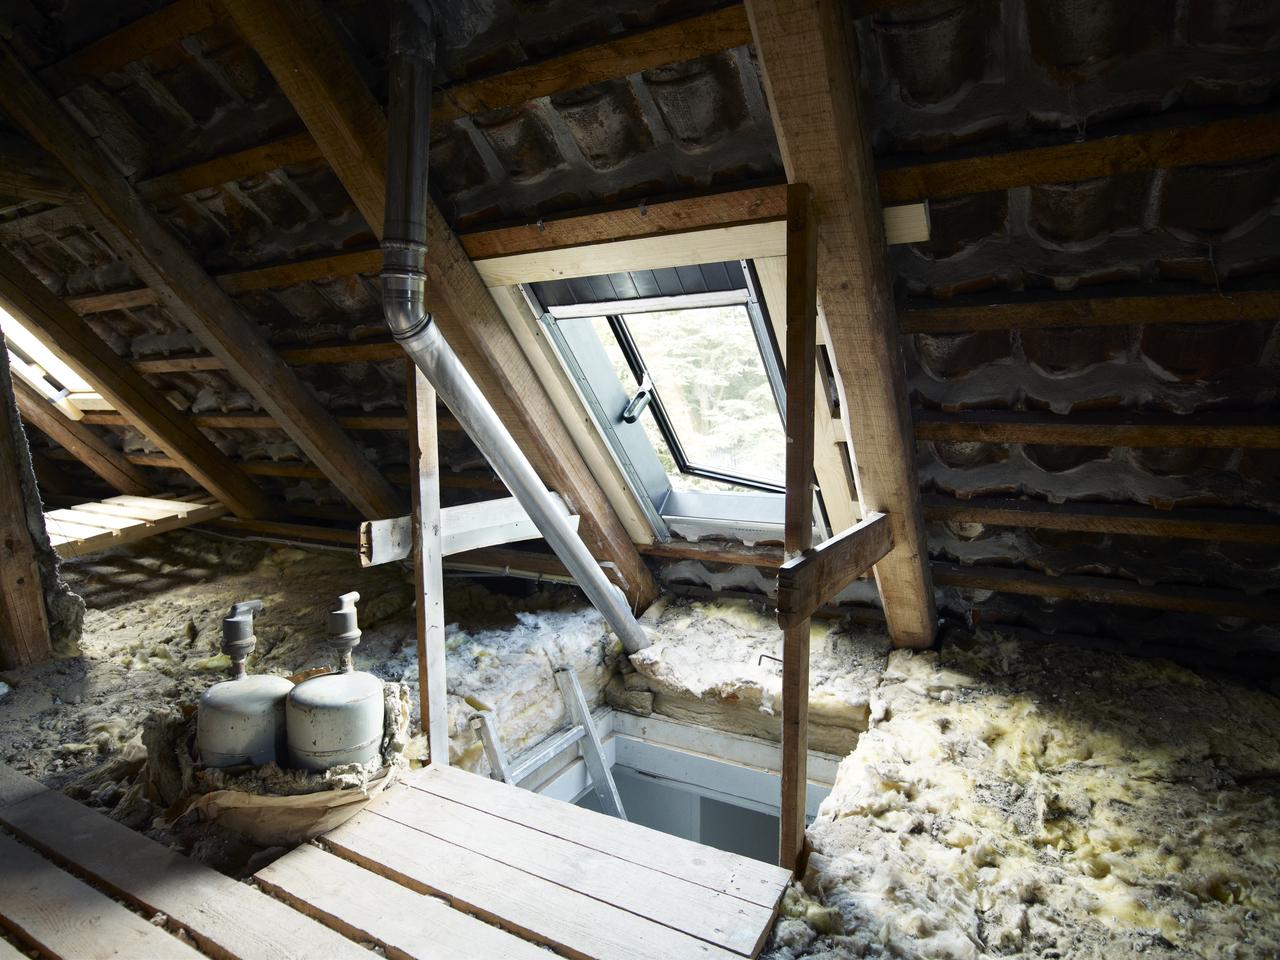 Finestra Sul Tetto Nome i mille modi di chiamare una finestra per tetti - mansarda.it